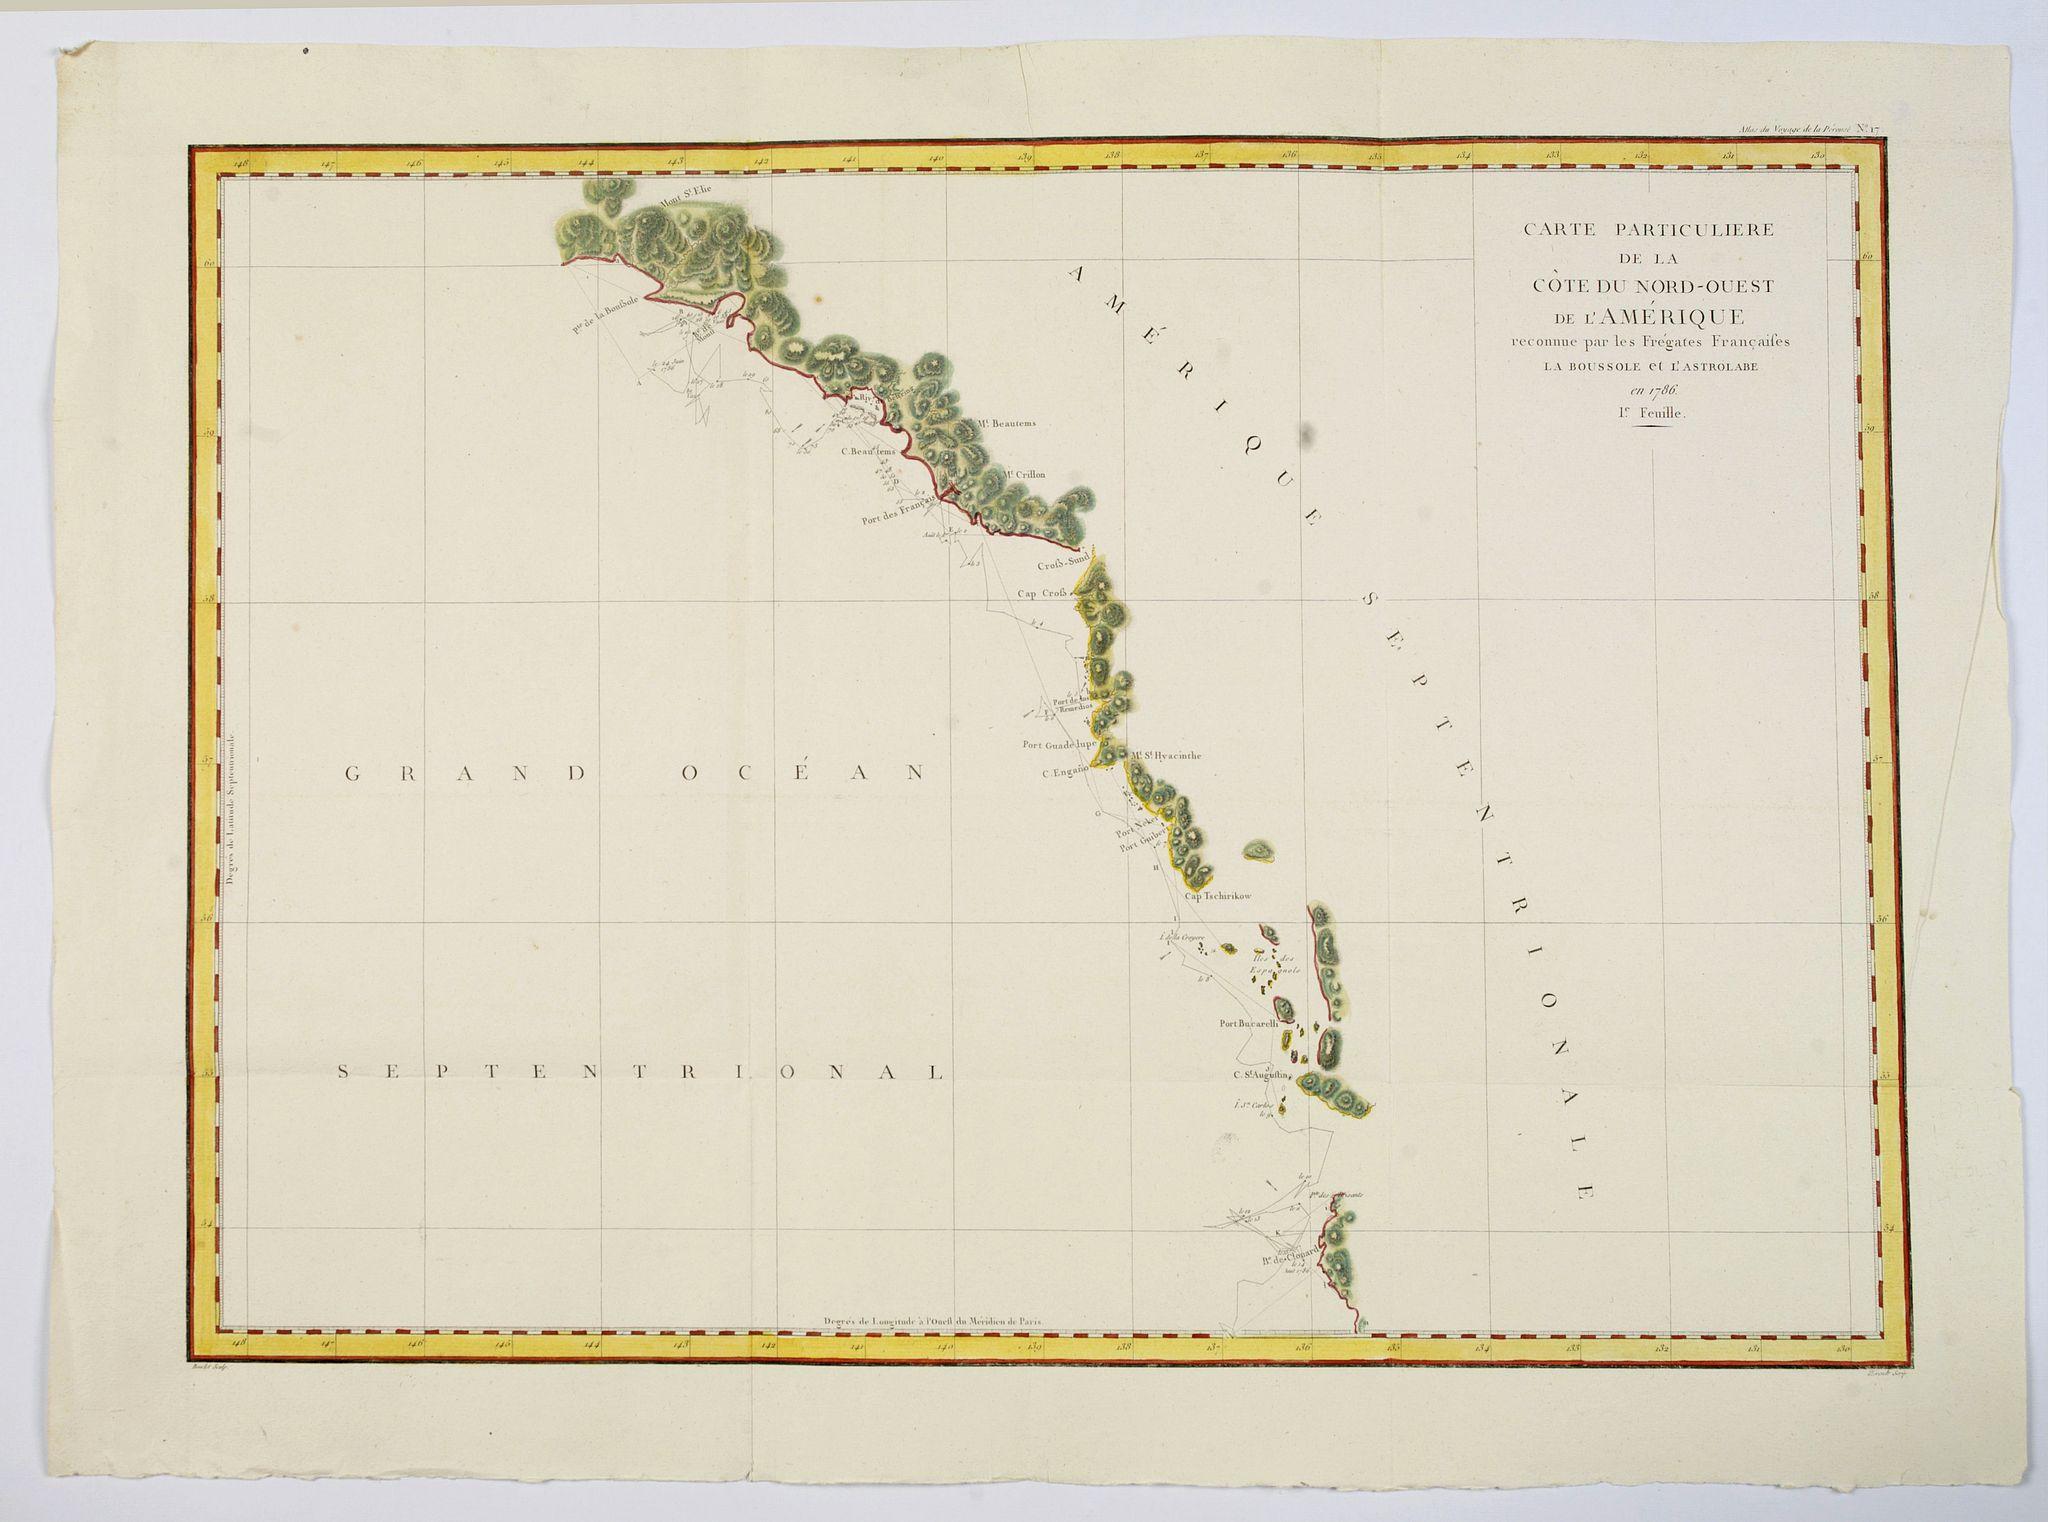 LA PEROUSE, Jean. - Carte Particuliere de la Cote du Nord-Ouest de l'Amerique reconnue par les Fregates Francaises la Boussole et l' Astrolabe en 1786 1e. Feuille.